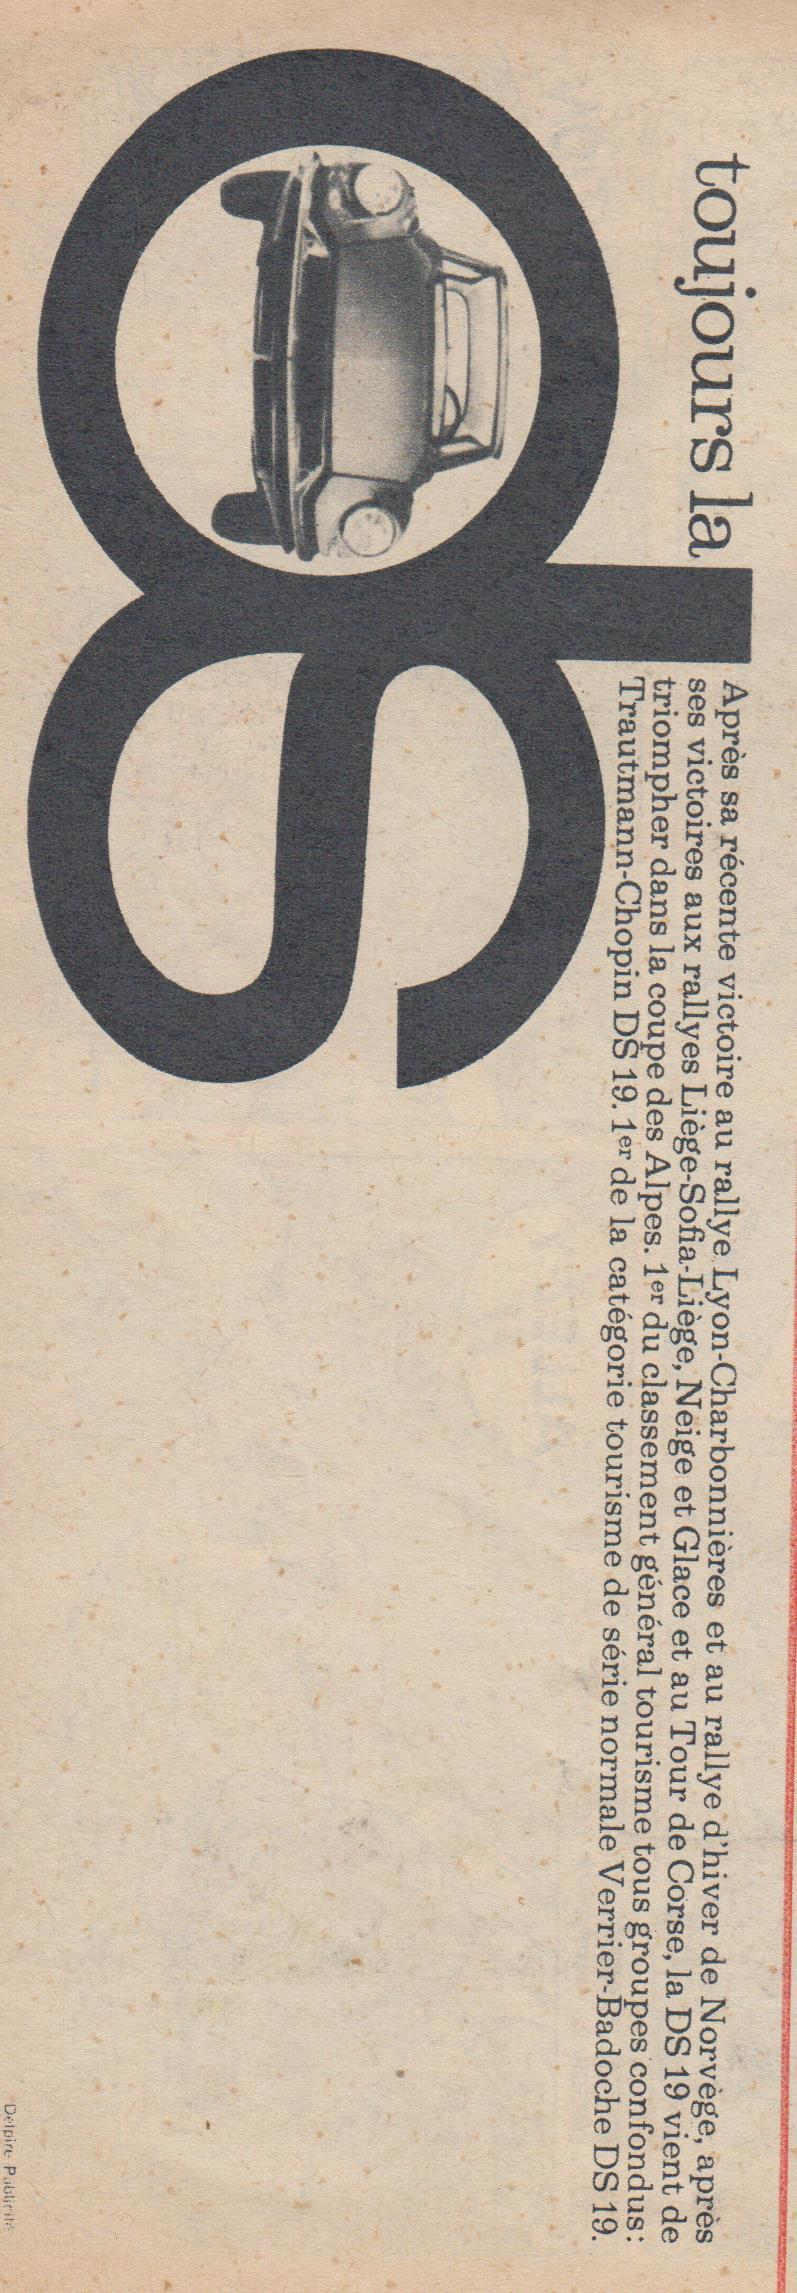 Le Journal de Tintin - de 1959 à 1964 les articles sur l'automobile et la moto Articl19